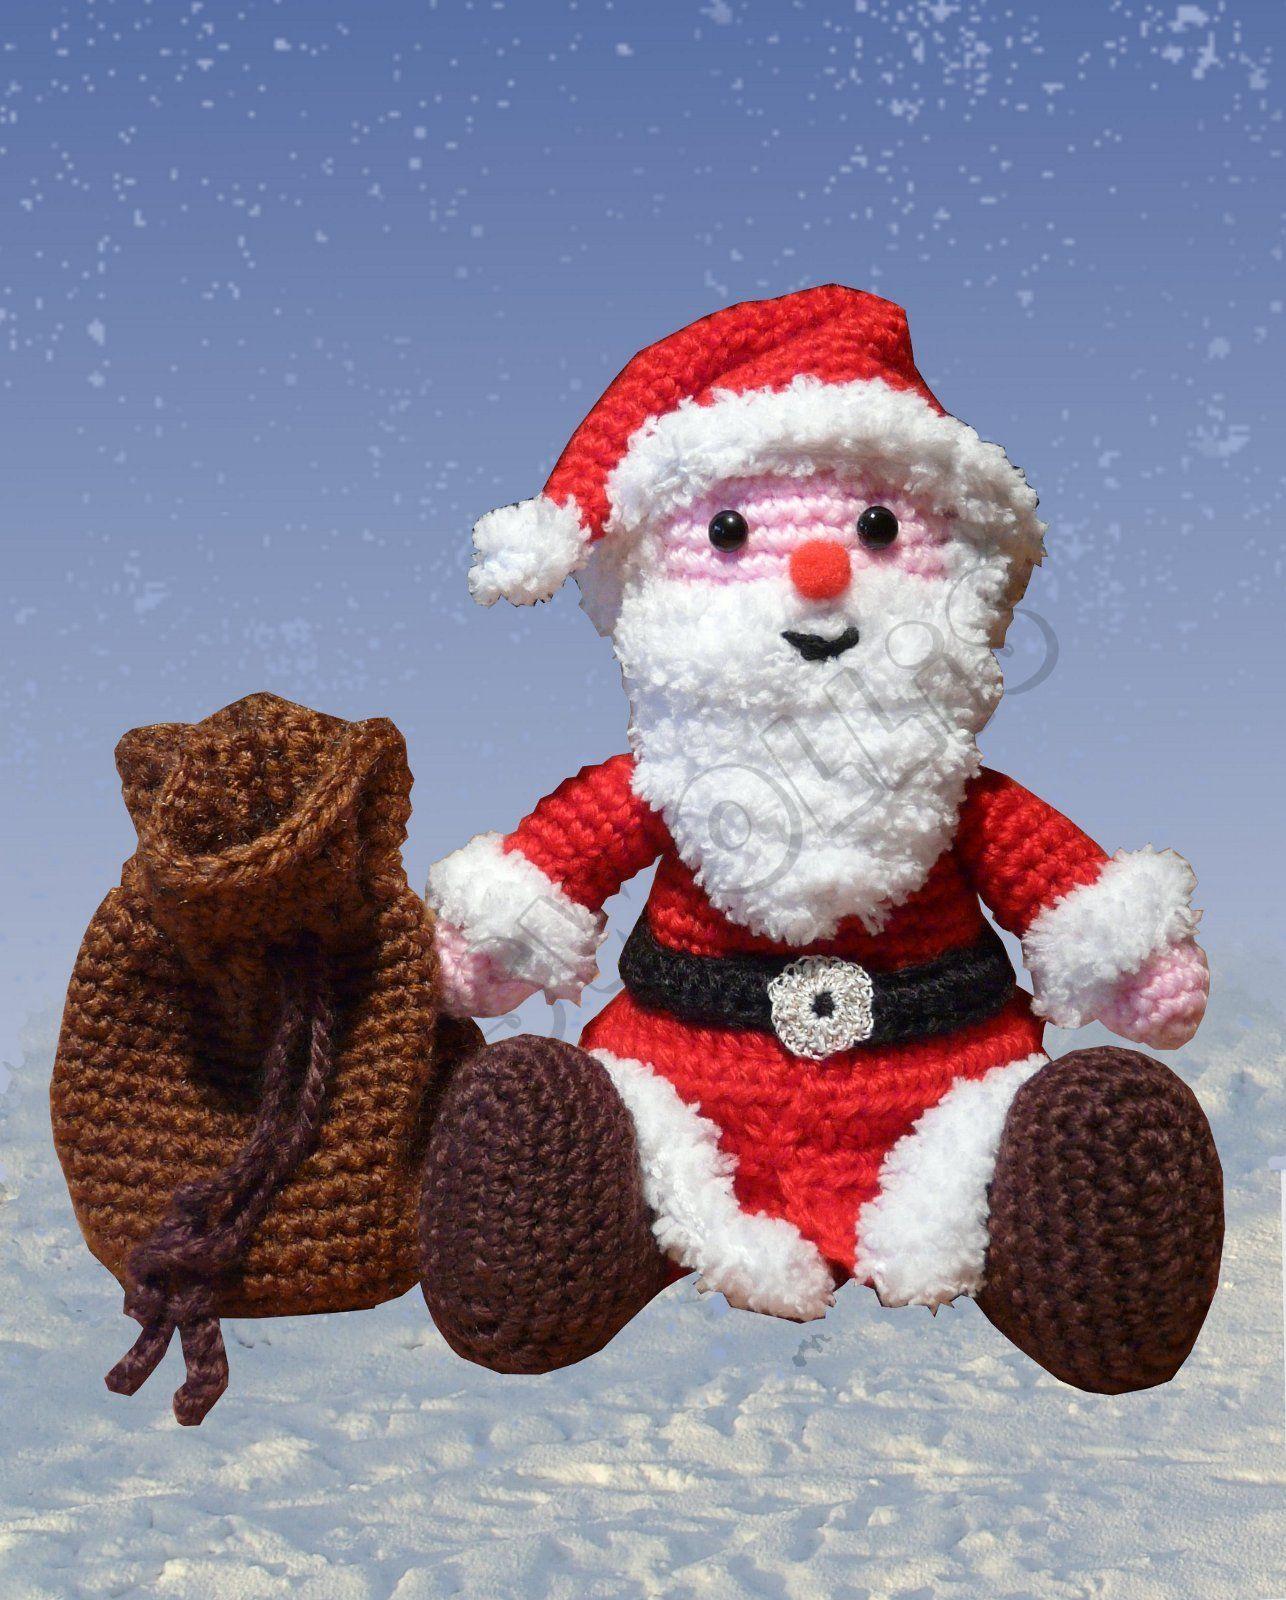 Der kleine Weihnachtsmann ist ein kuscheliger Begleiter in der ...